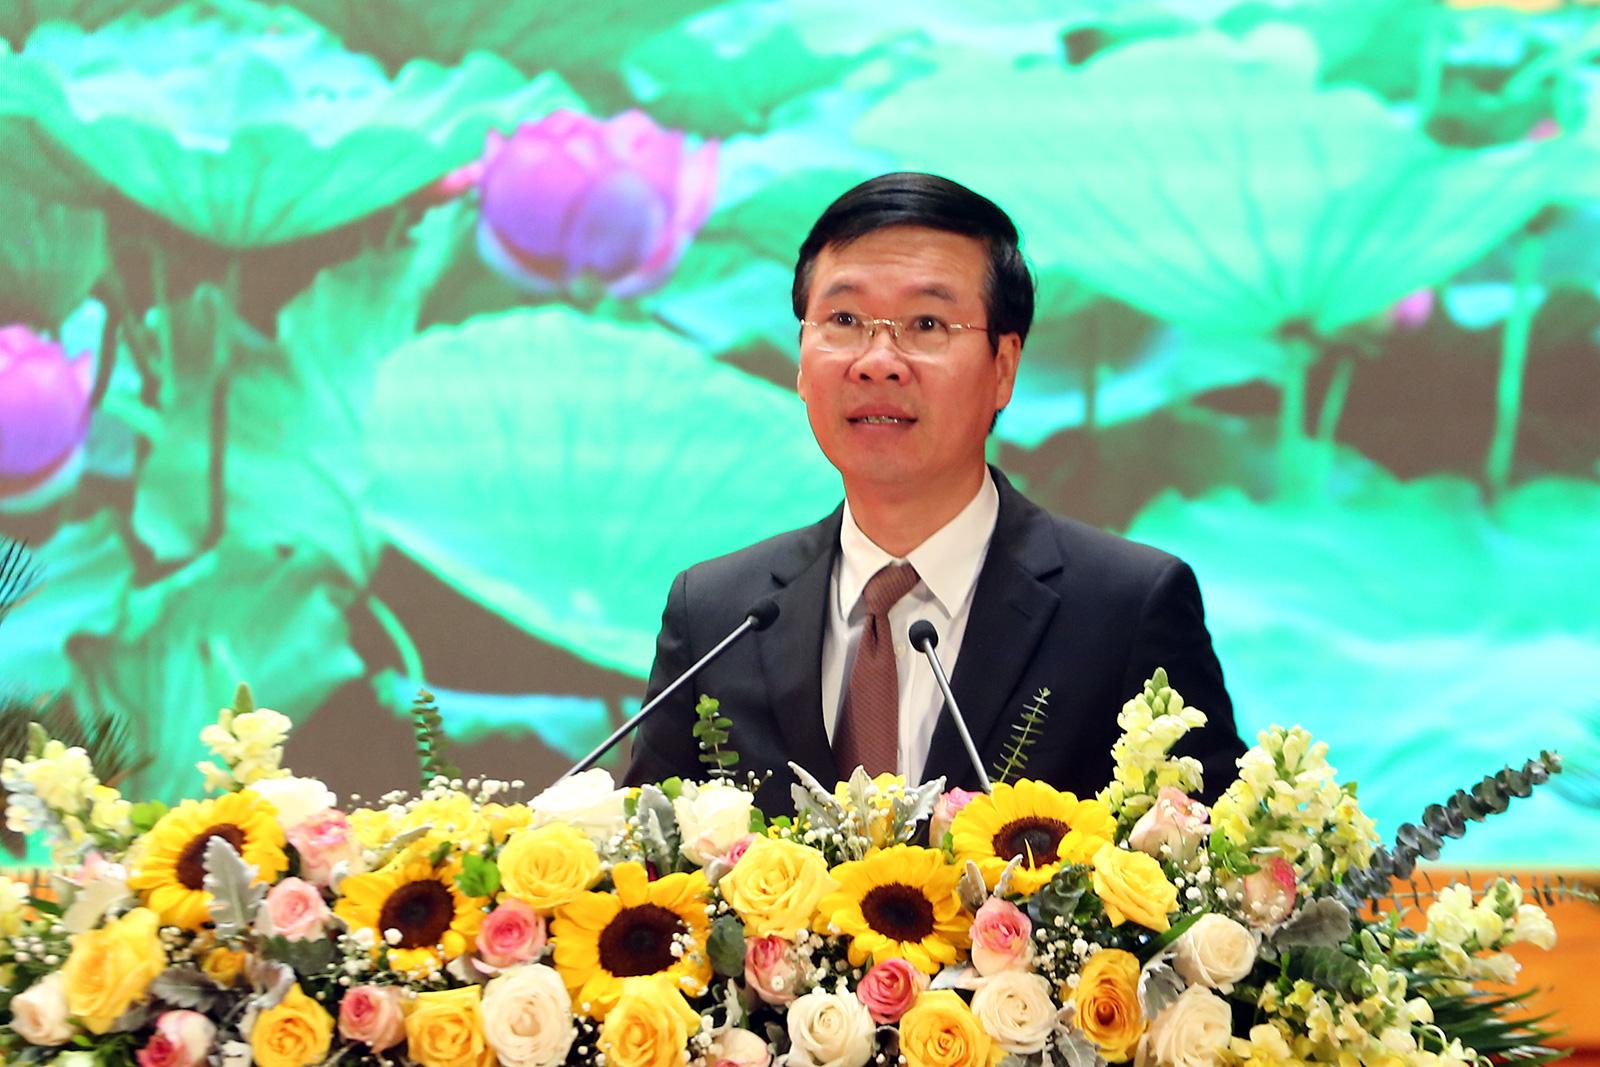 3 Ủy viên Bộ Chính trị từng có thời gian dài gắn bó công tác Đoàn - Ảnh 1.